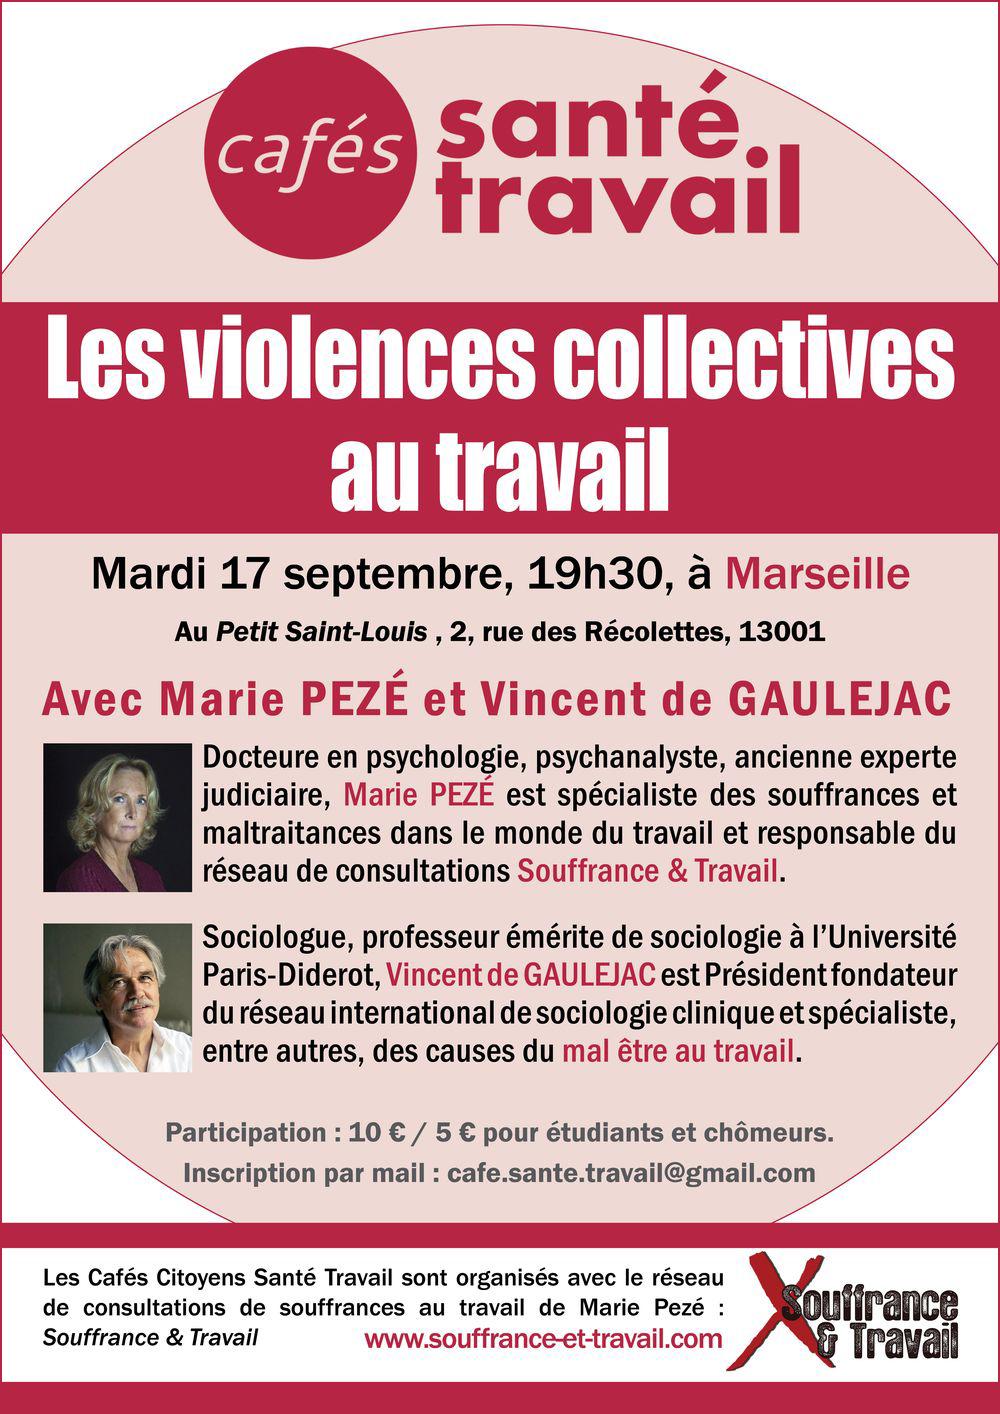 Les violences collectives au travail. Café Citoyen à Marseille avec Marie Pezé et Vincent de Gauléjac